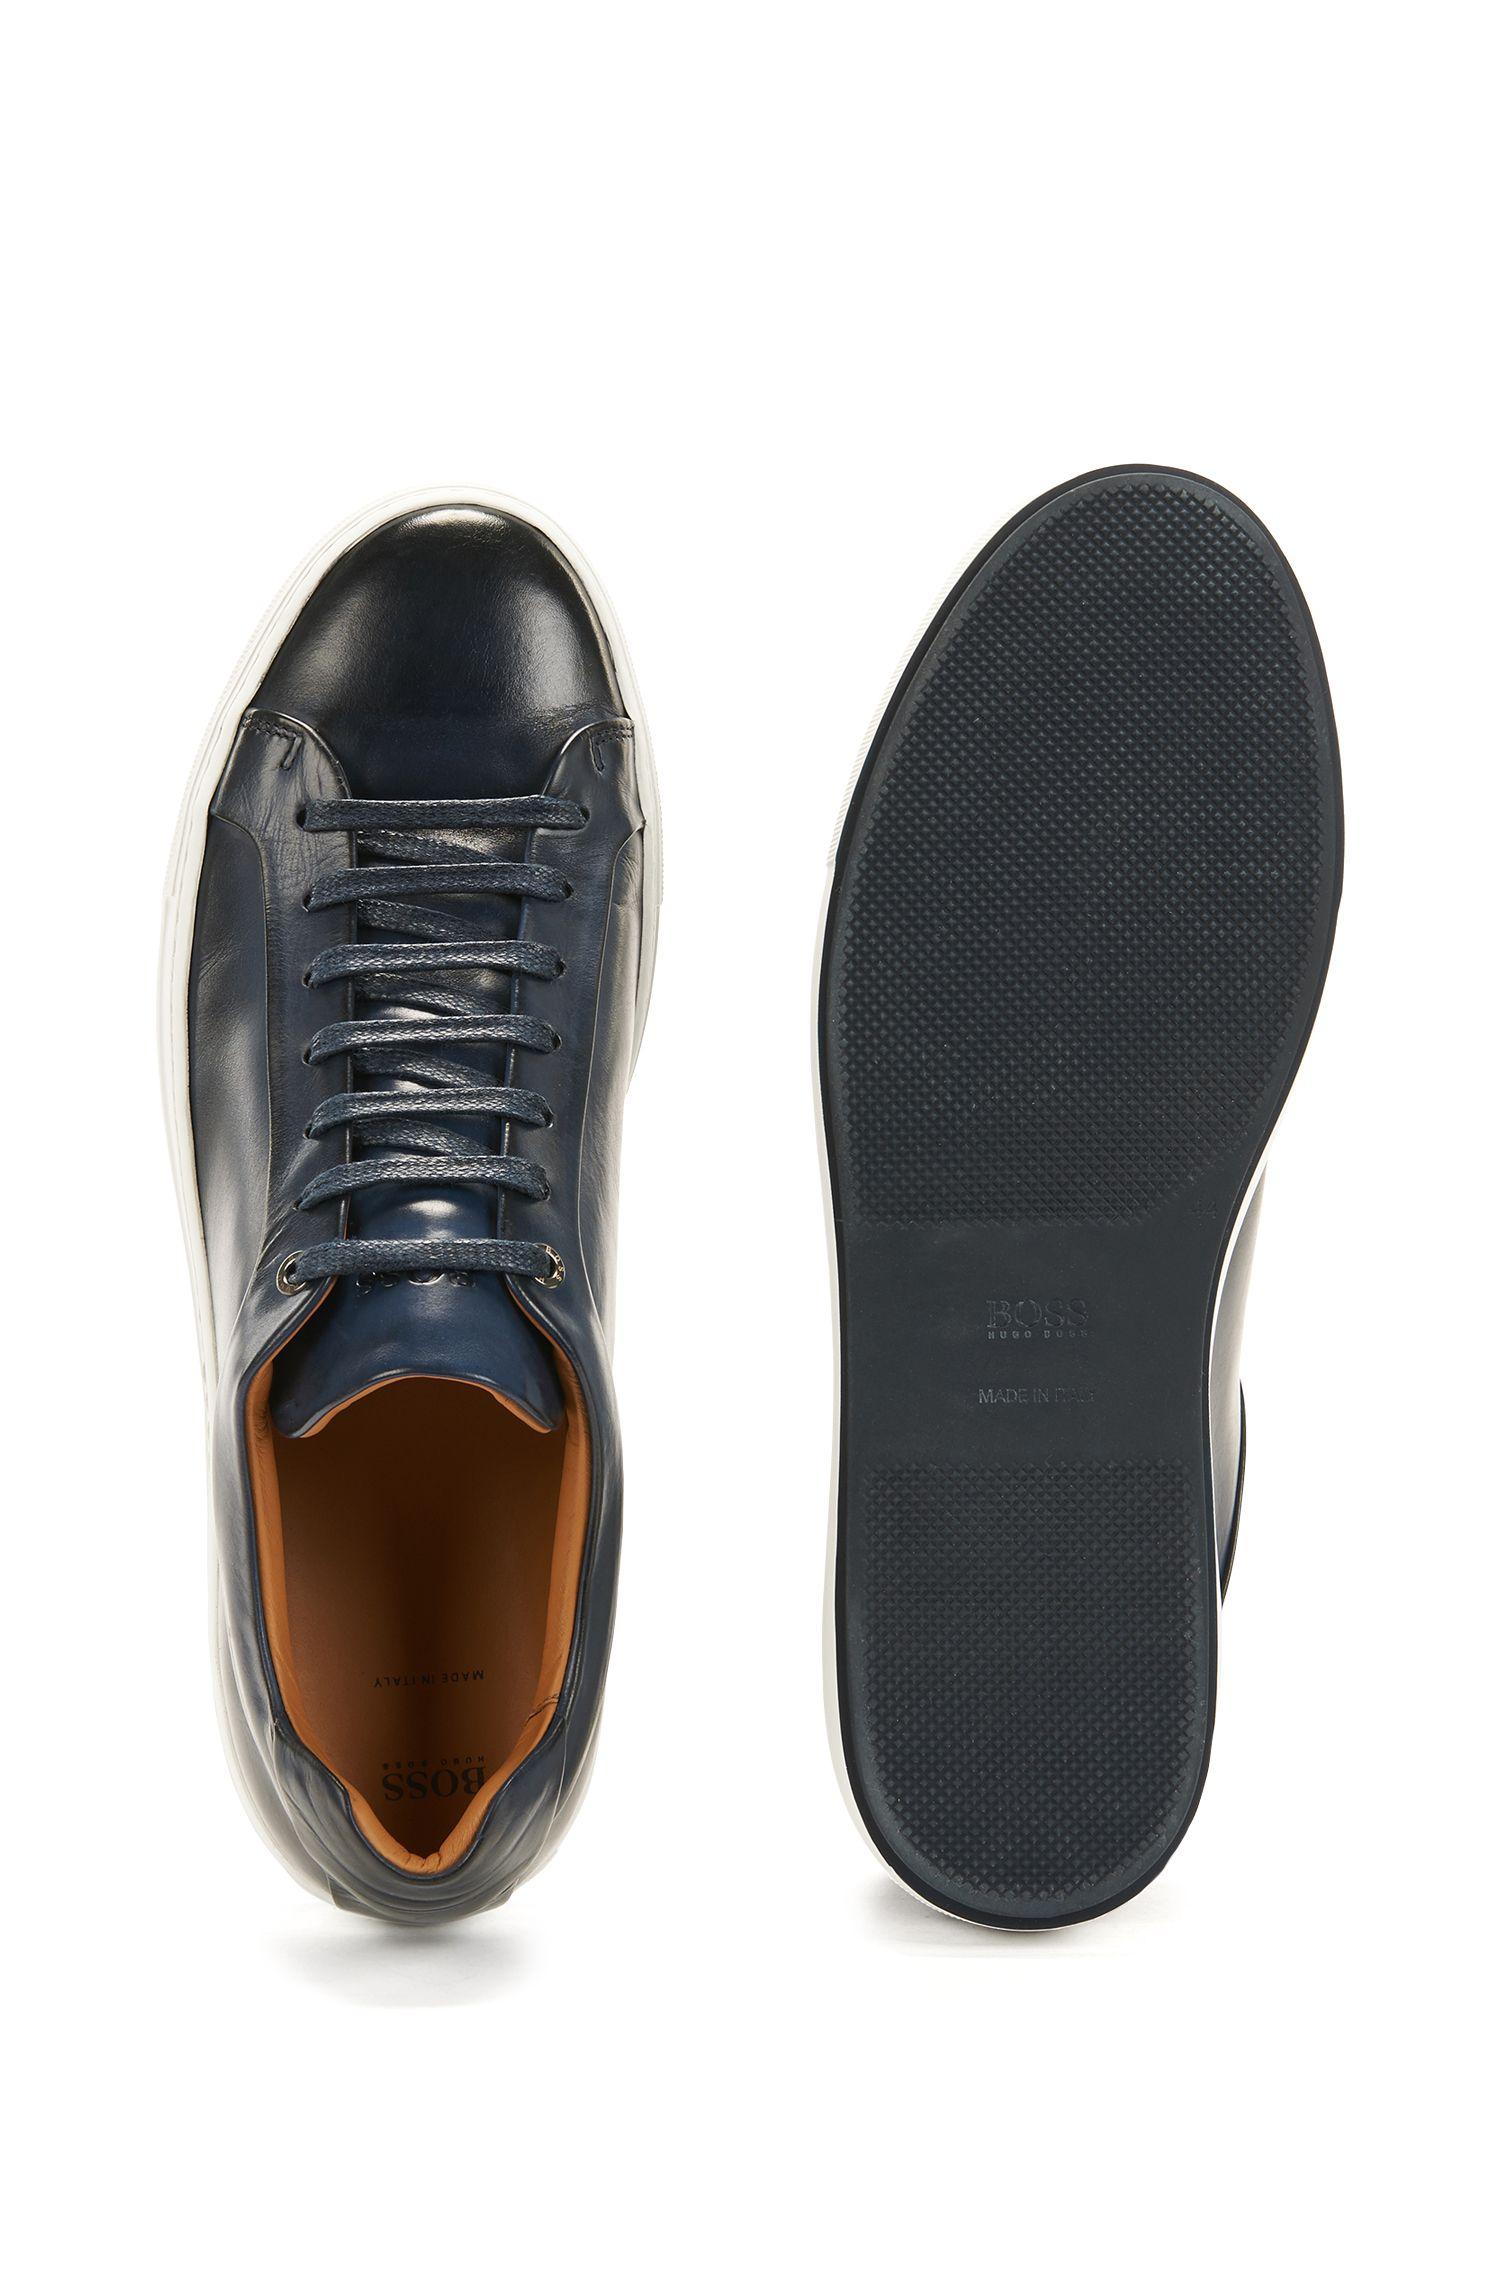 Sneakers in stile tennis in pelle brunita